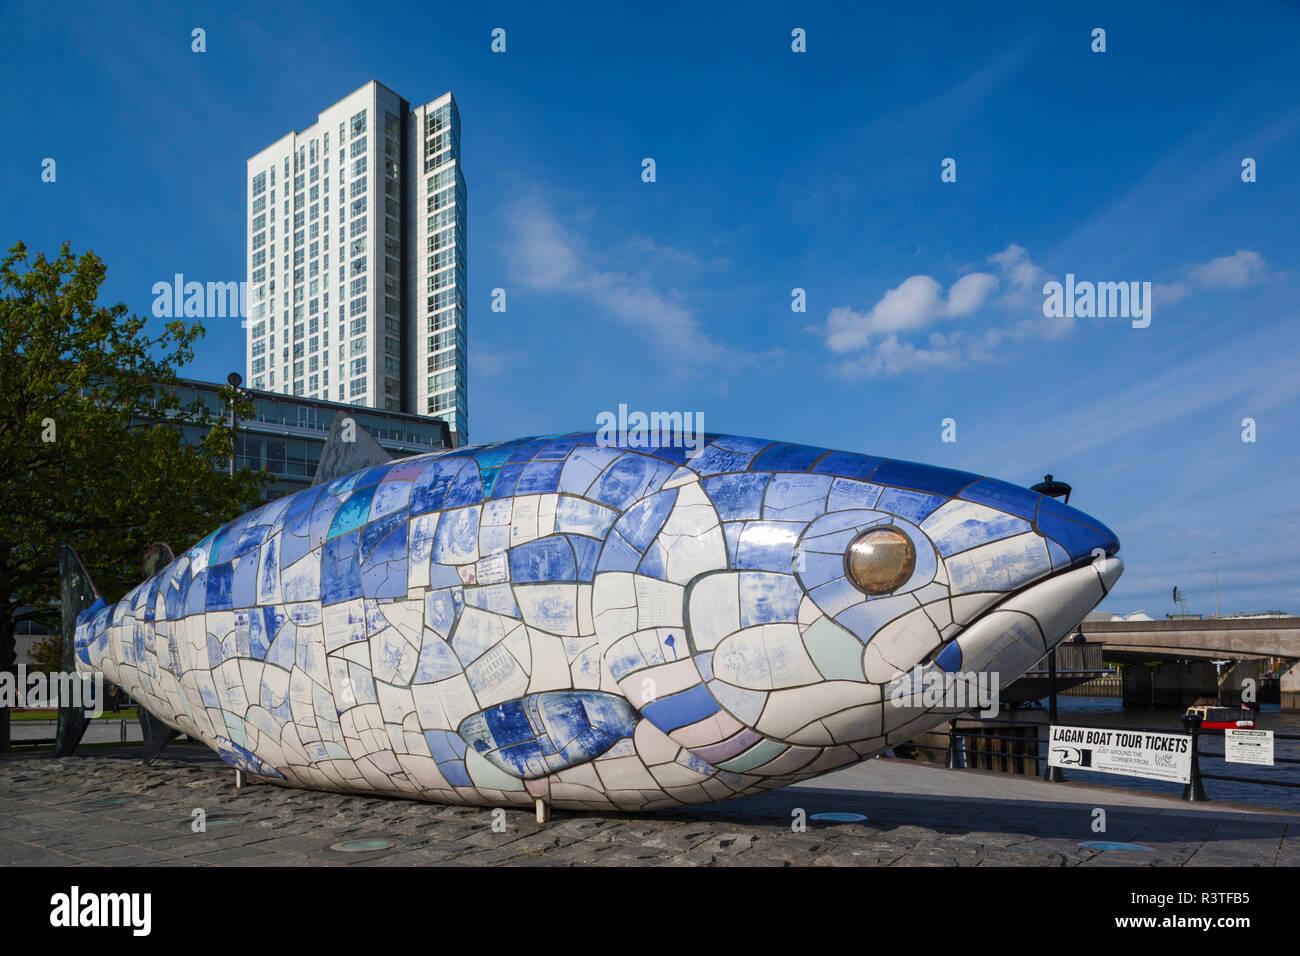 Reino Unido, Irlanda del Norte, Belfast, Bigfish escultura por John amabilidad Foto de stock